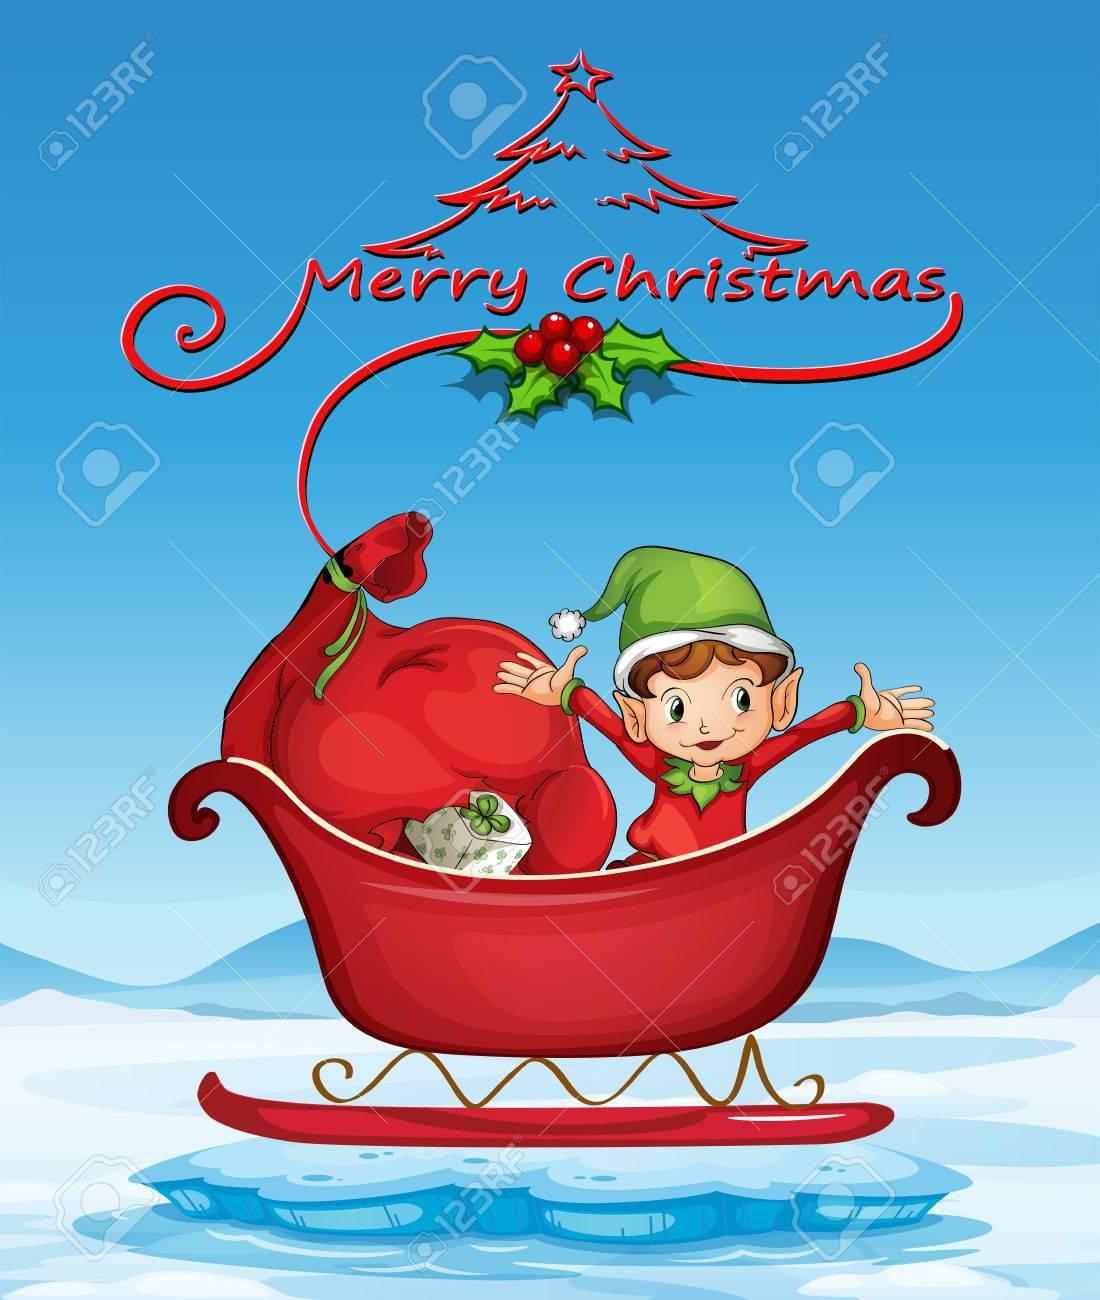 illustration of a christmas card with an elf on a sledge stock vector 34641012 - Elf Christmas Card